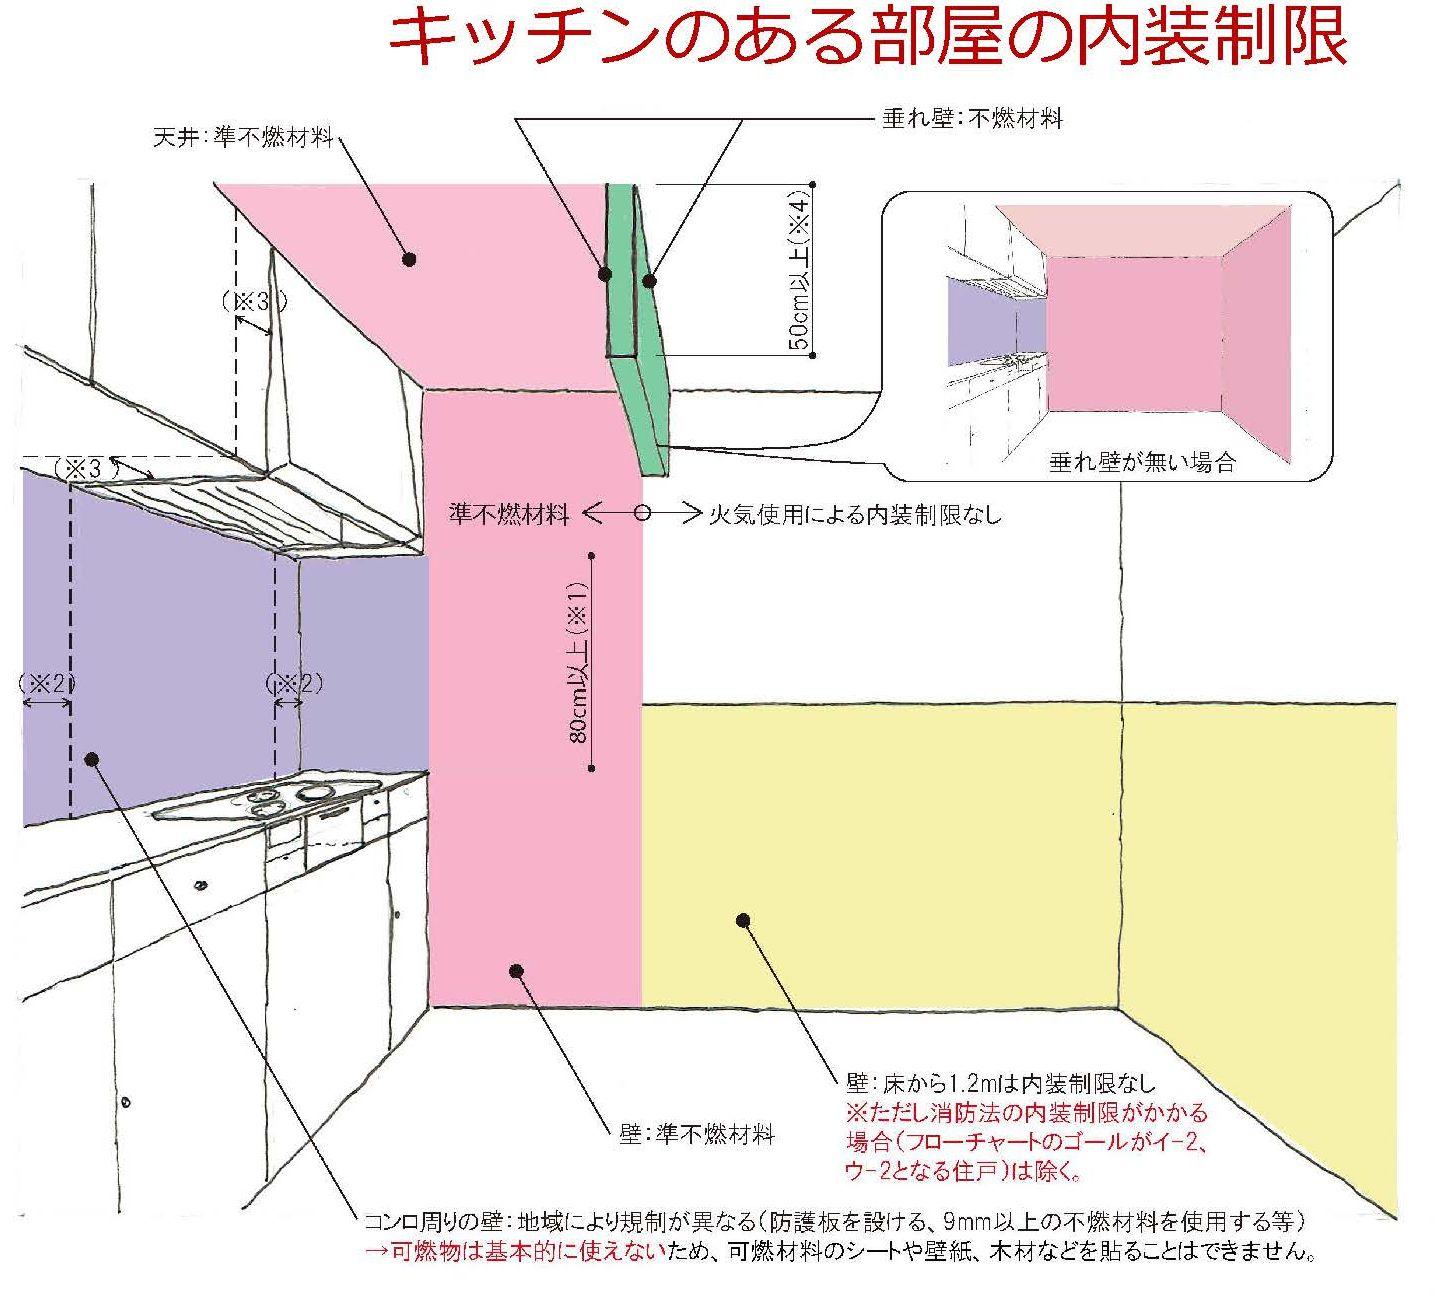 キッチン周りの内装制限「賃貸DIYガイドライン」-HEAD研究会